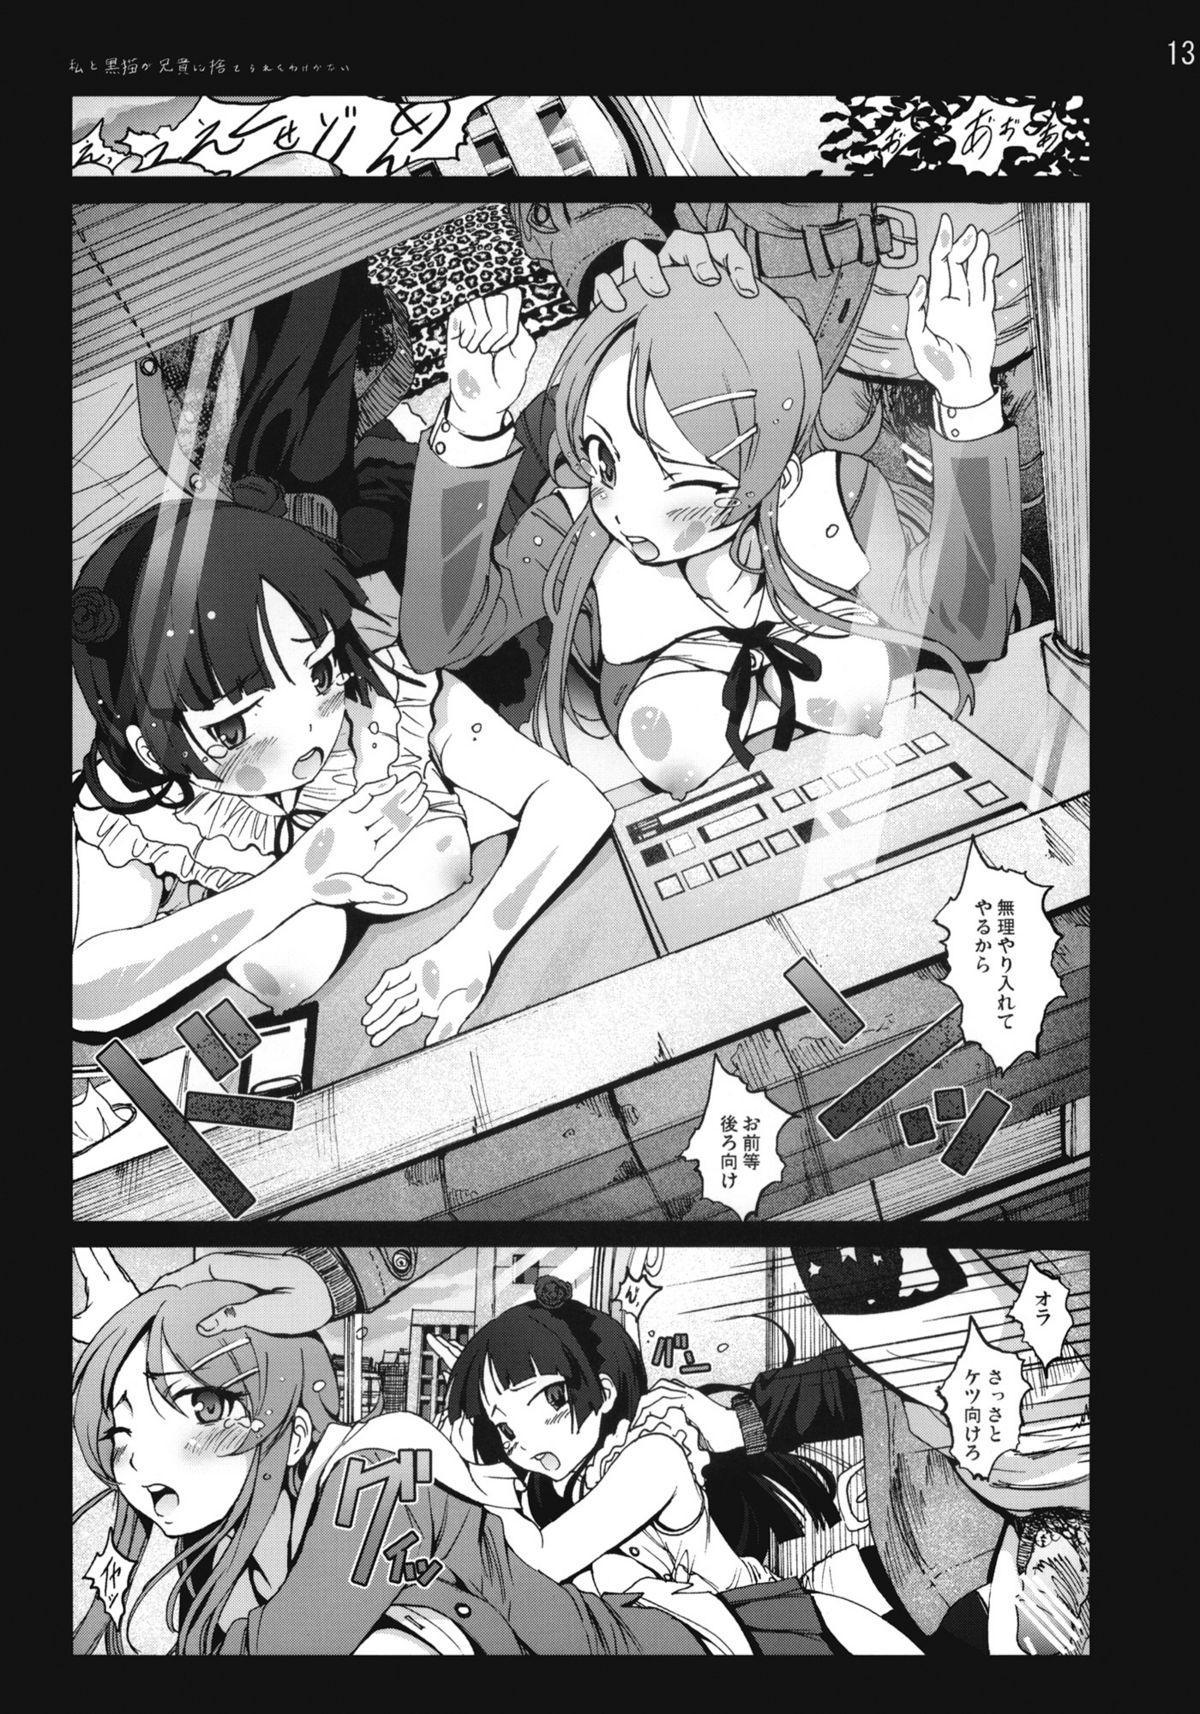 Kuroneko to Watashi ga Aniki ni Suterareta hazu ga Nai 11